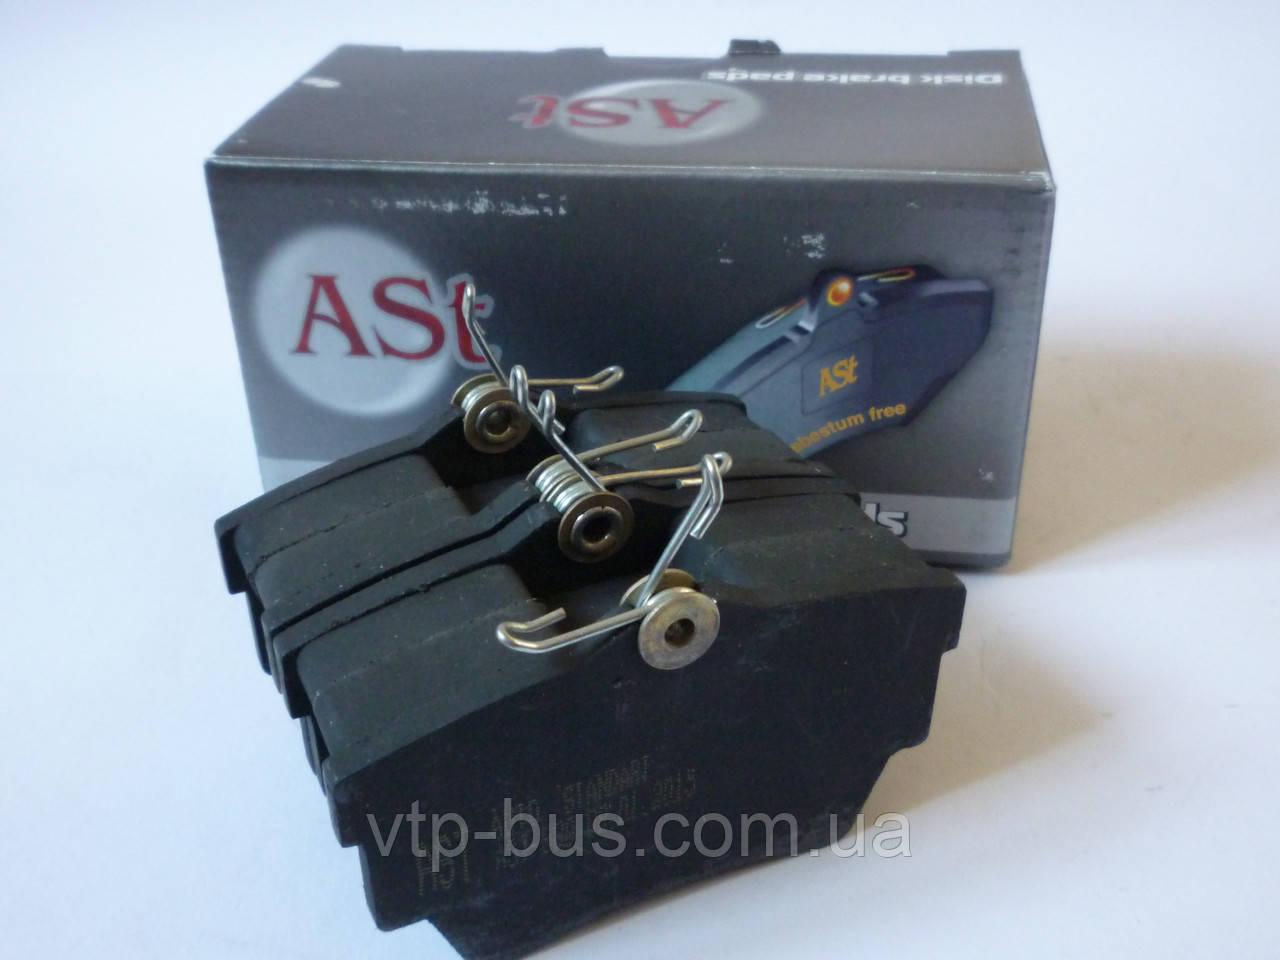 Тормозные колодки задние на Renault Trafic / Opel Vivaro с 2001...  AVTOSTANDART (Украина), AST 980